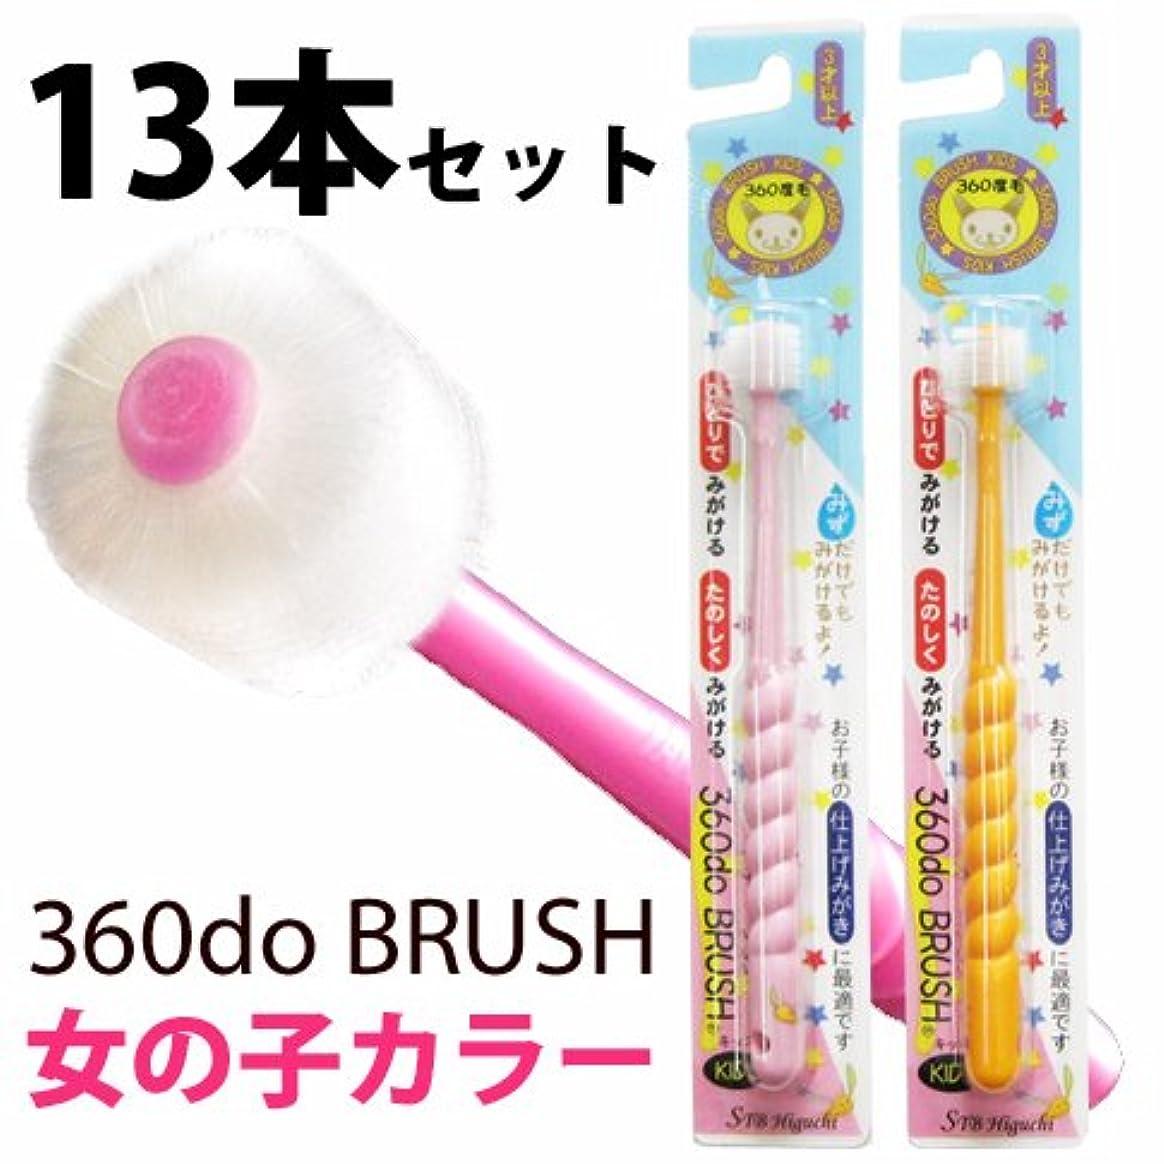 アラーム逸話予知360do BRUSH 360度歯ブラシ キッズ 女の子用 13本セット